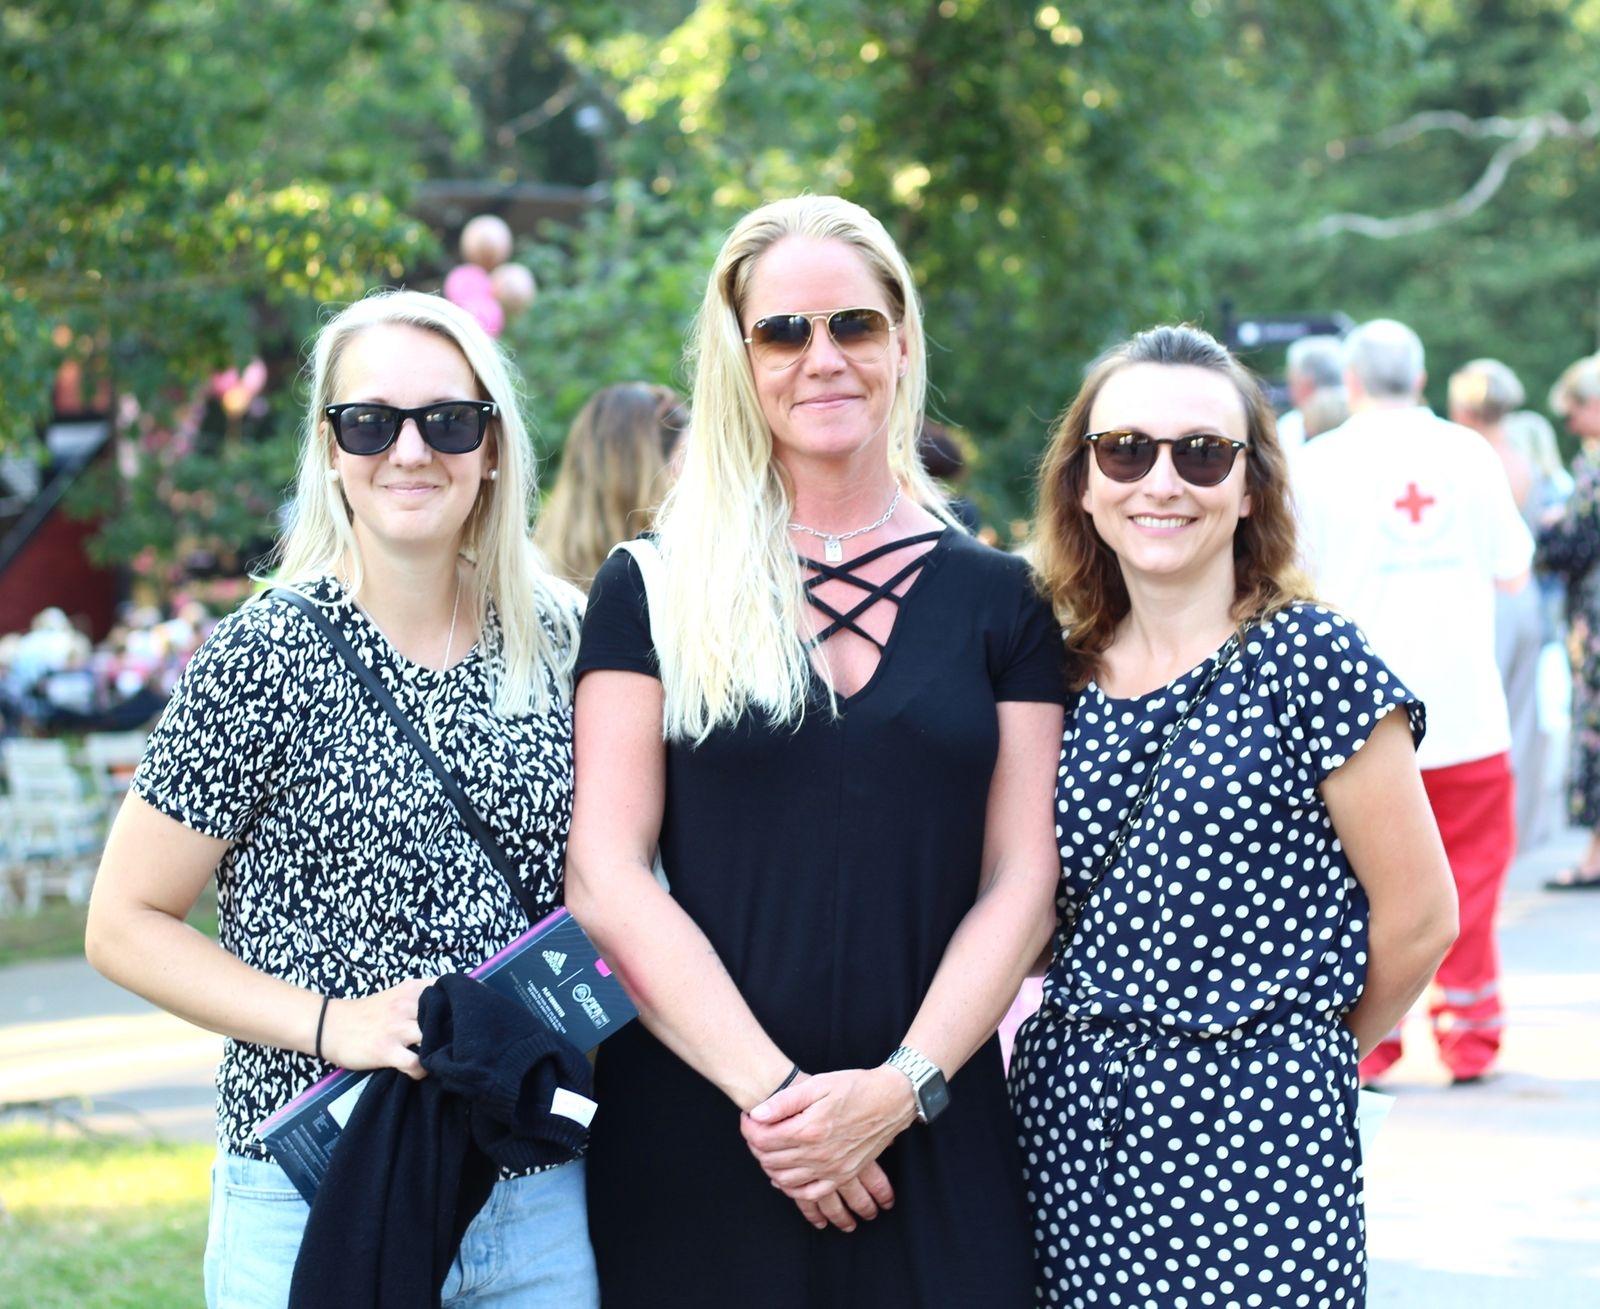 Anna Nyman, Jennie Nilsson och Emina Dzananovic hade lyckats knipa biljetter till konserten och var lyckliga för det.